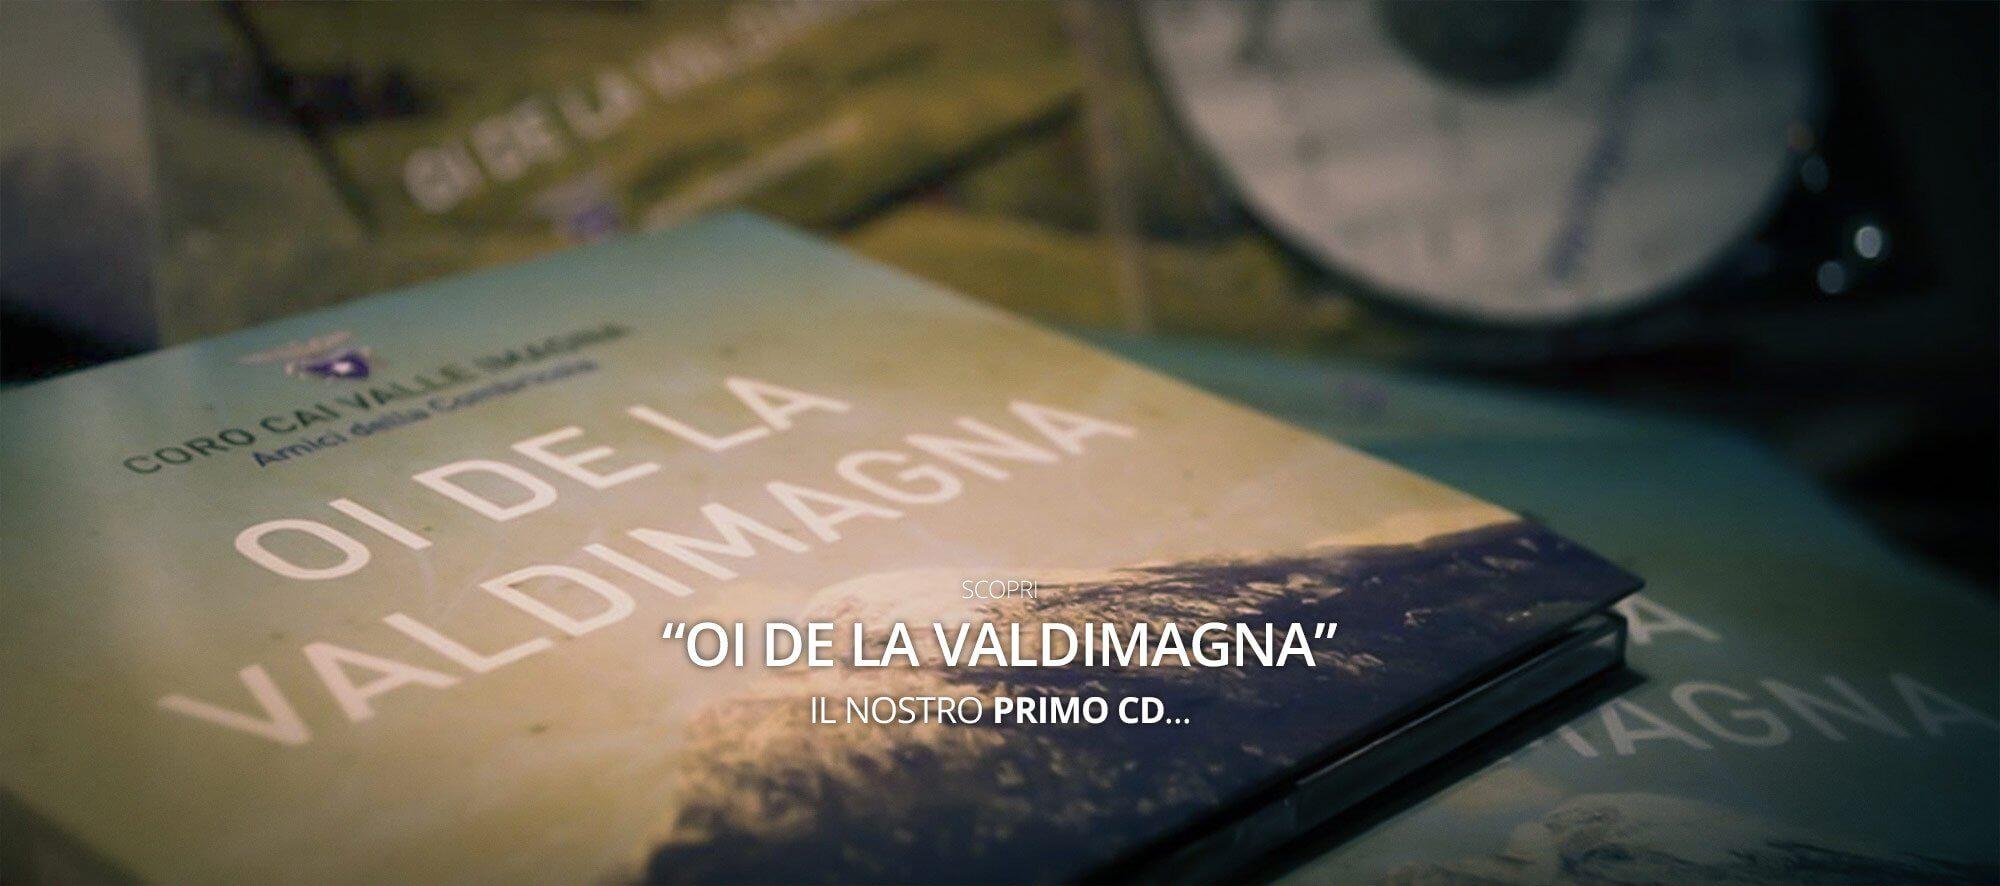 Scopri Oi de la Valdimagna, il nostro primo cd...